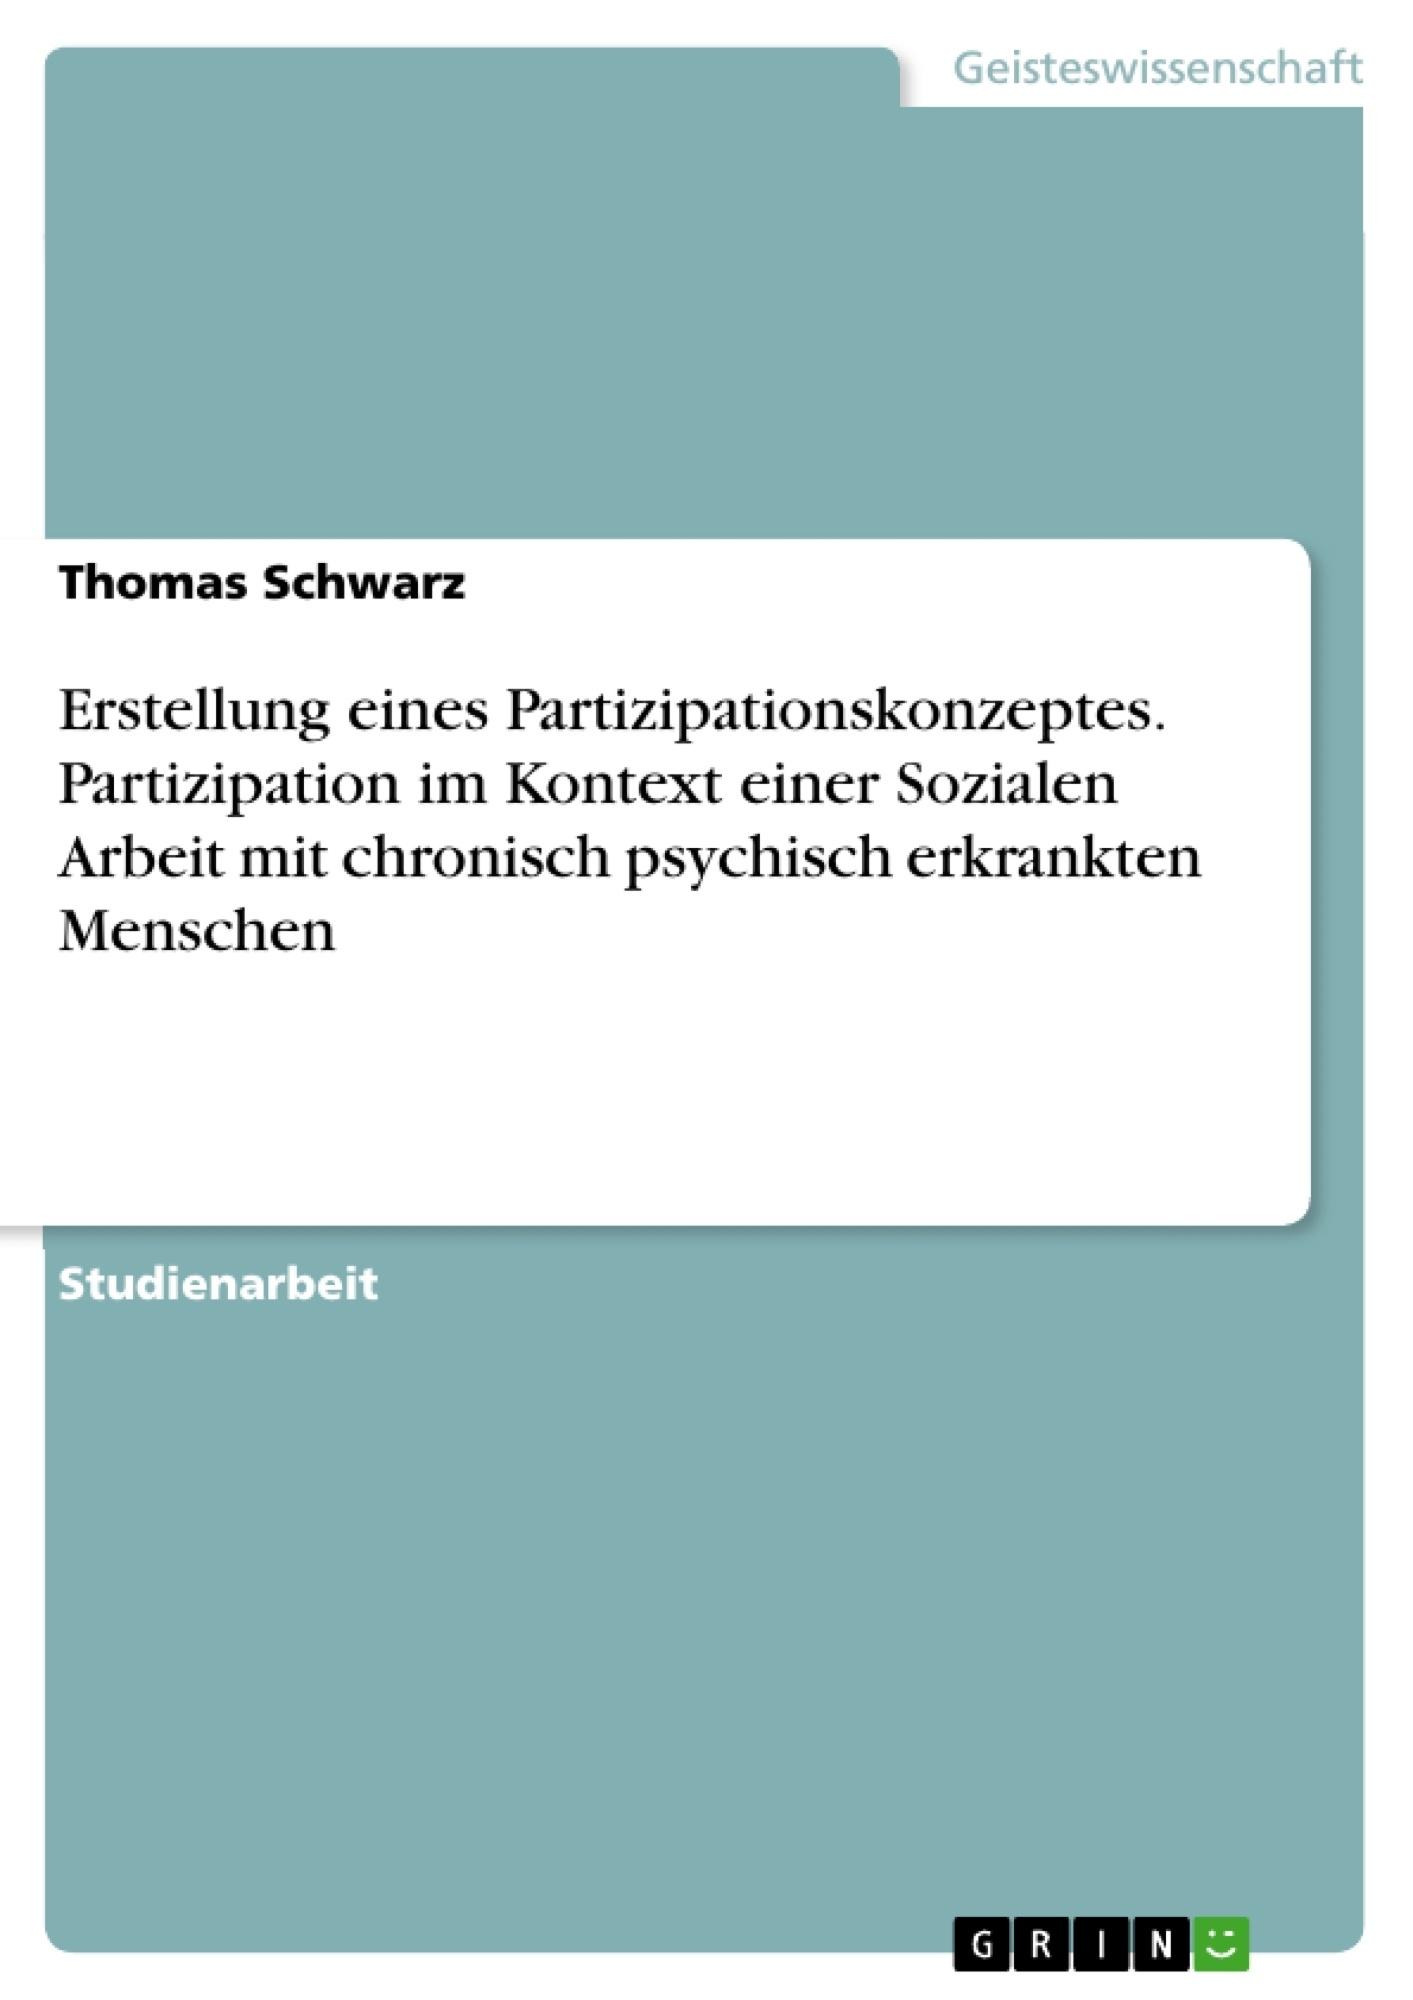 Titel: Erstellung eines Partizipationskonzeptes. Partizipation im Kontext einer Sozialen Arbeit mit chronisch psychisch erkrankten Menschen